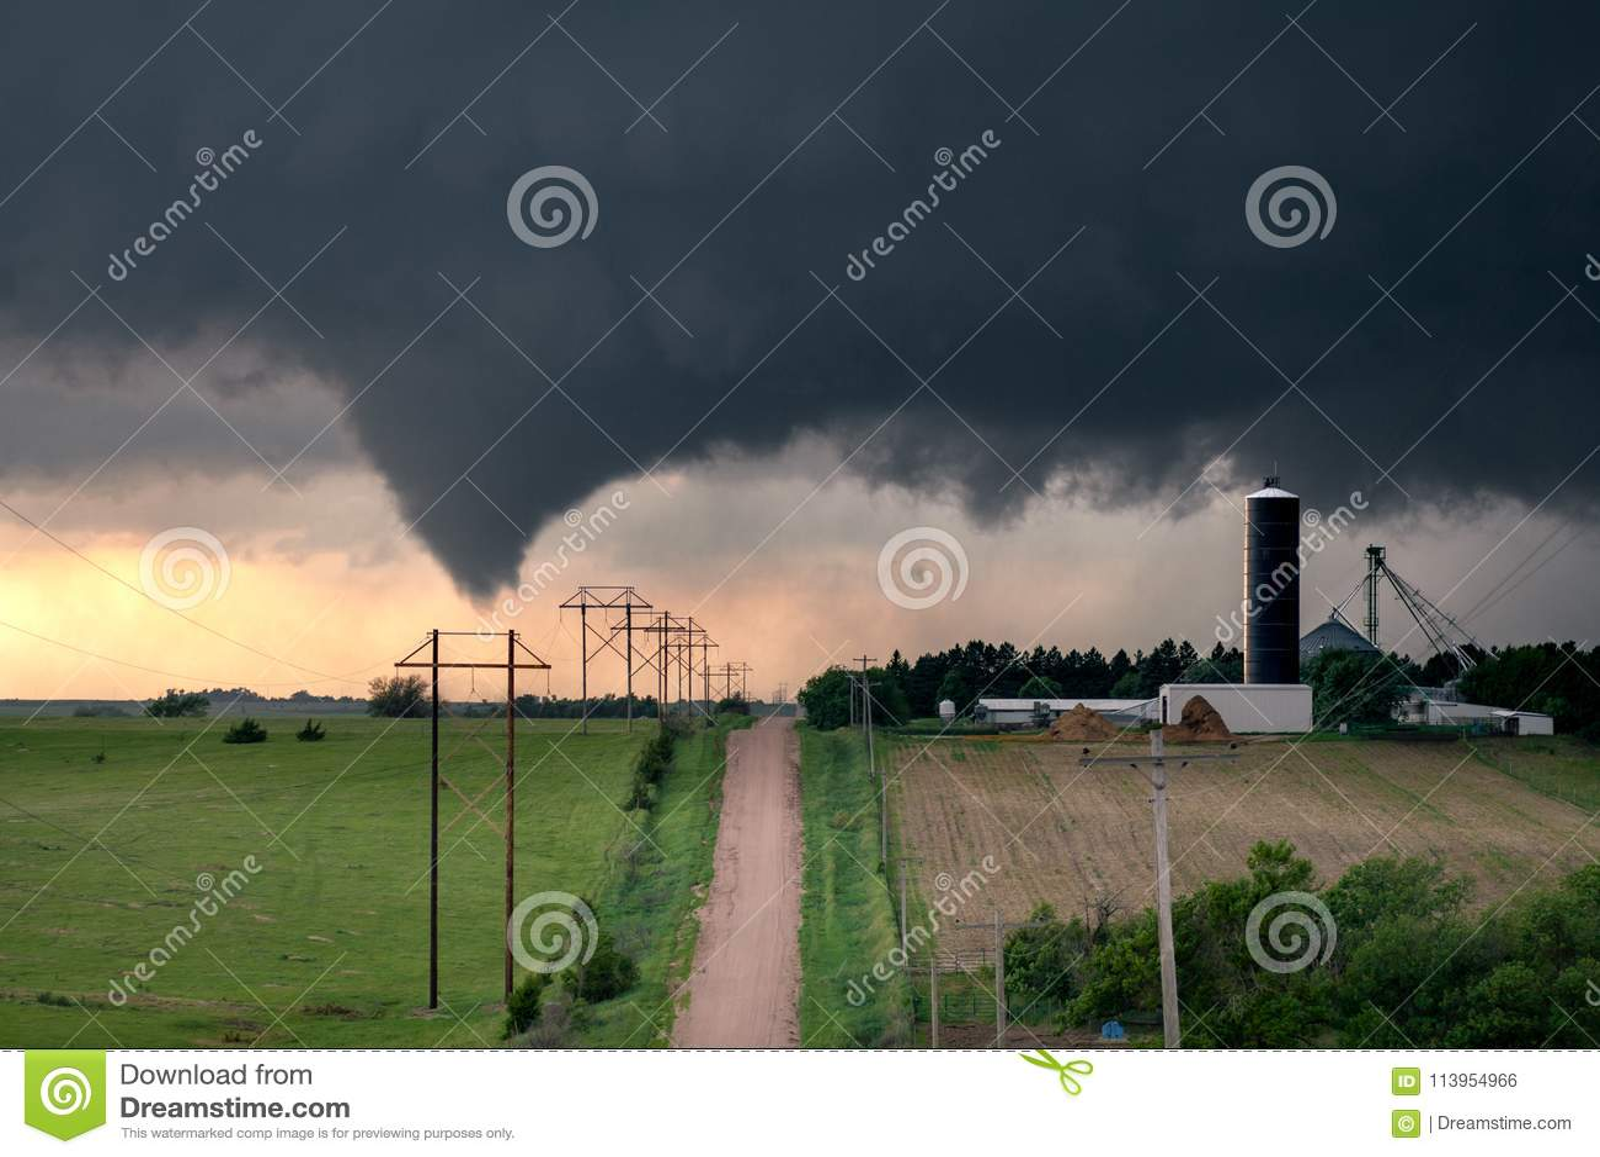 Tornado in centraal Nebraska